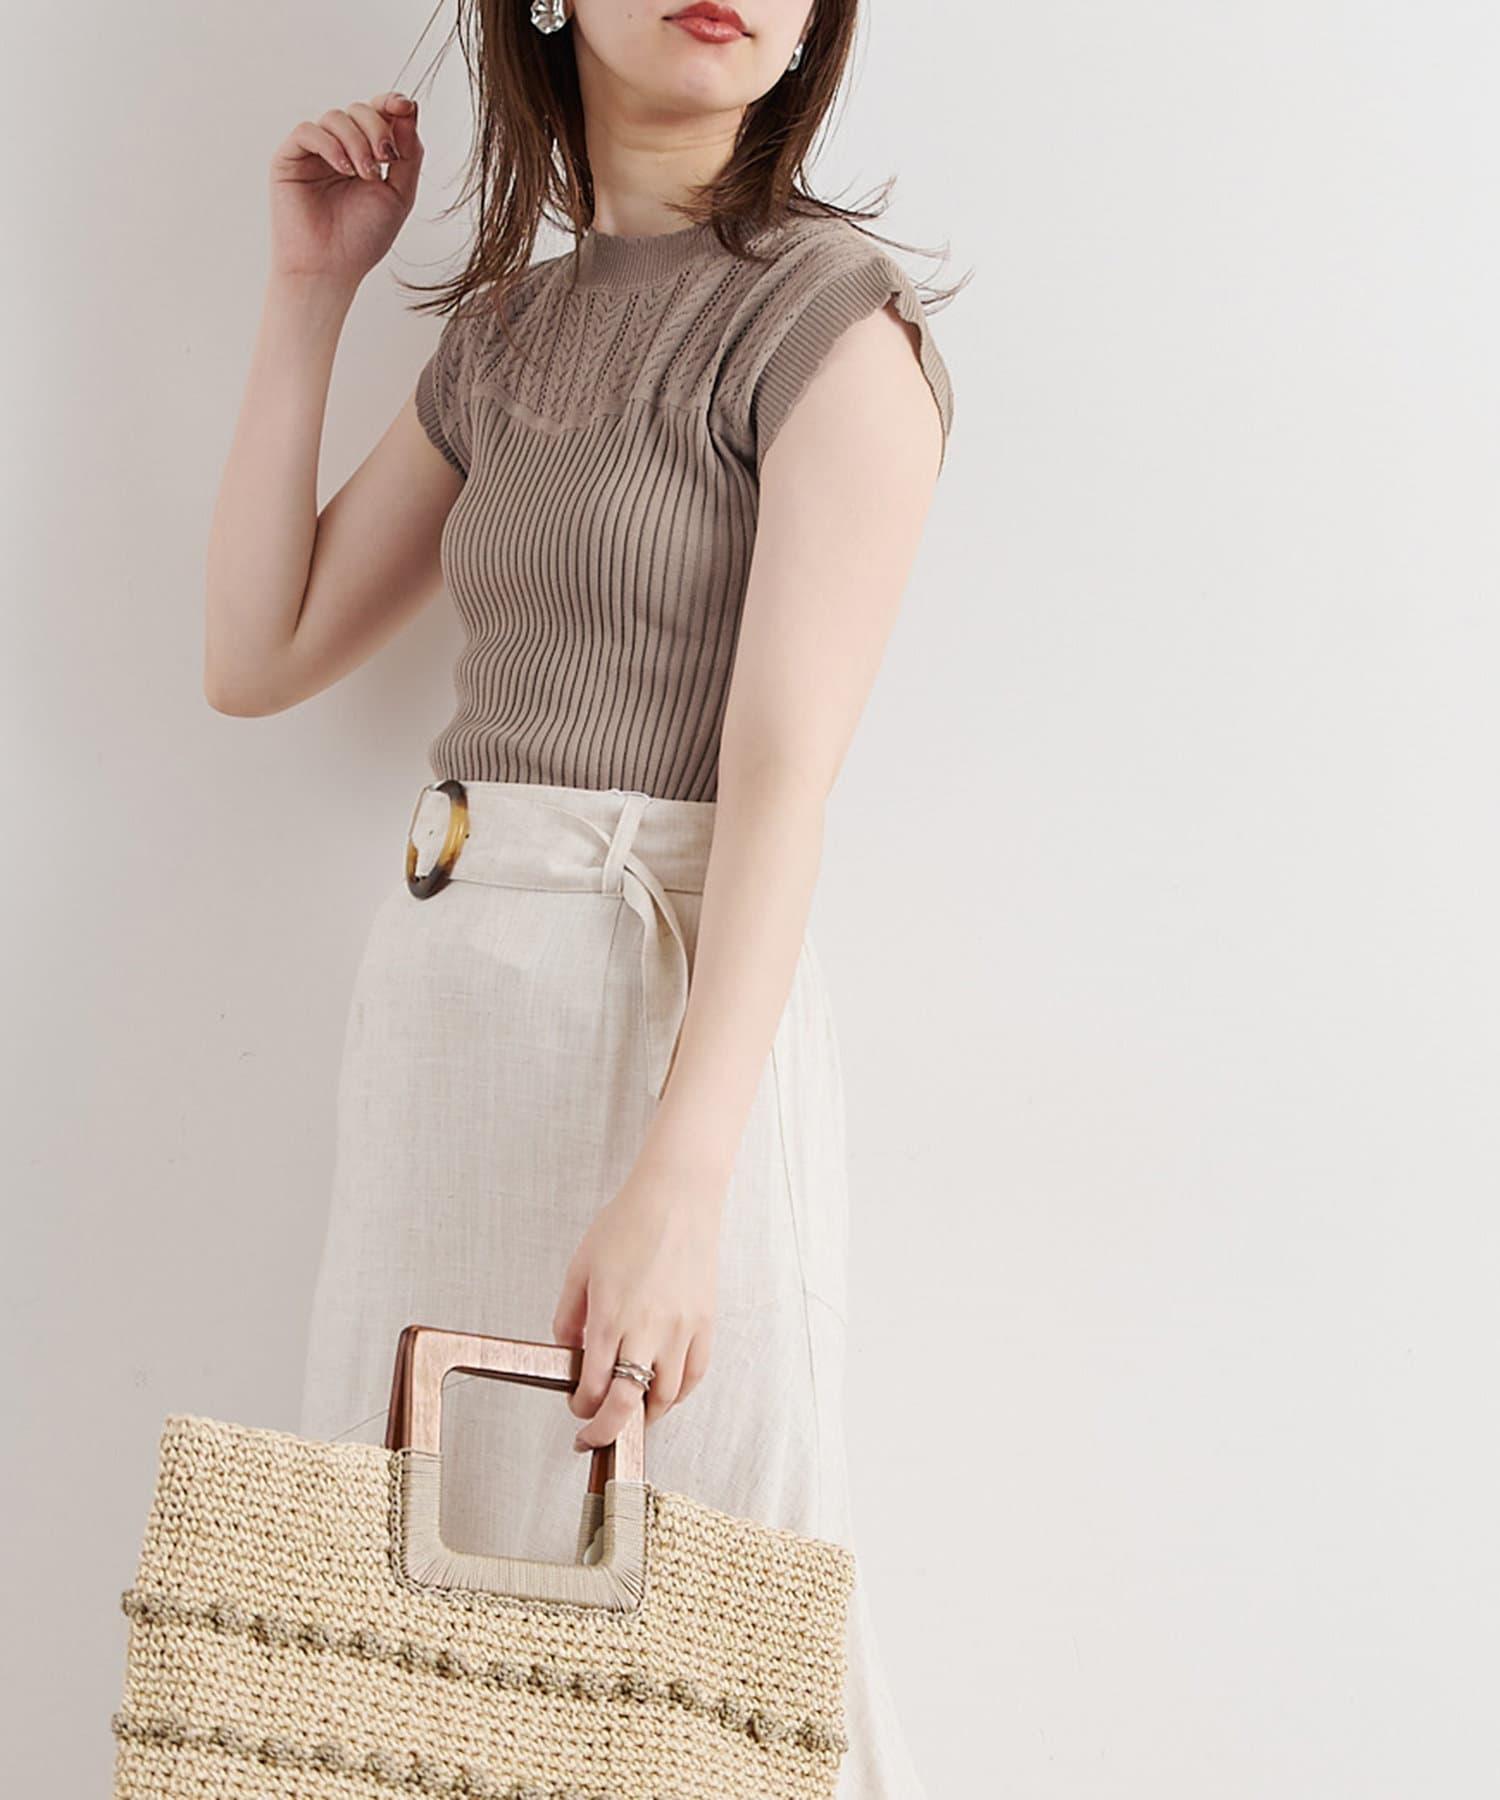 natural couture(ナチュラルクチュール) 【WEB限定】透かし×リブお上品スカラップニット